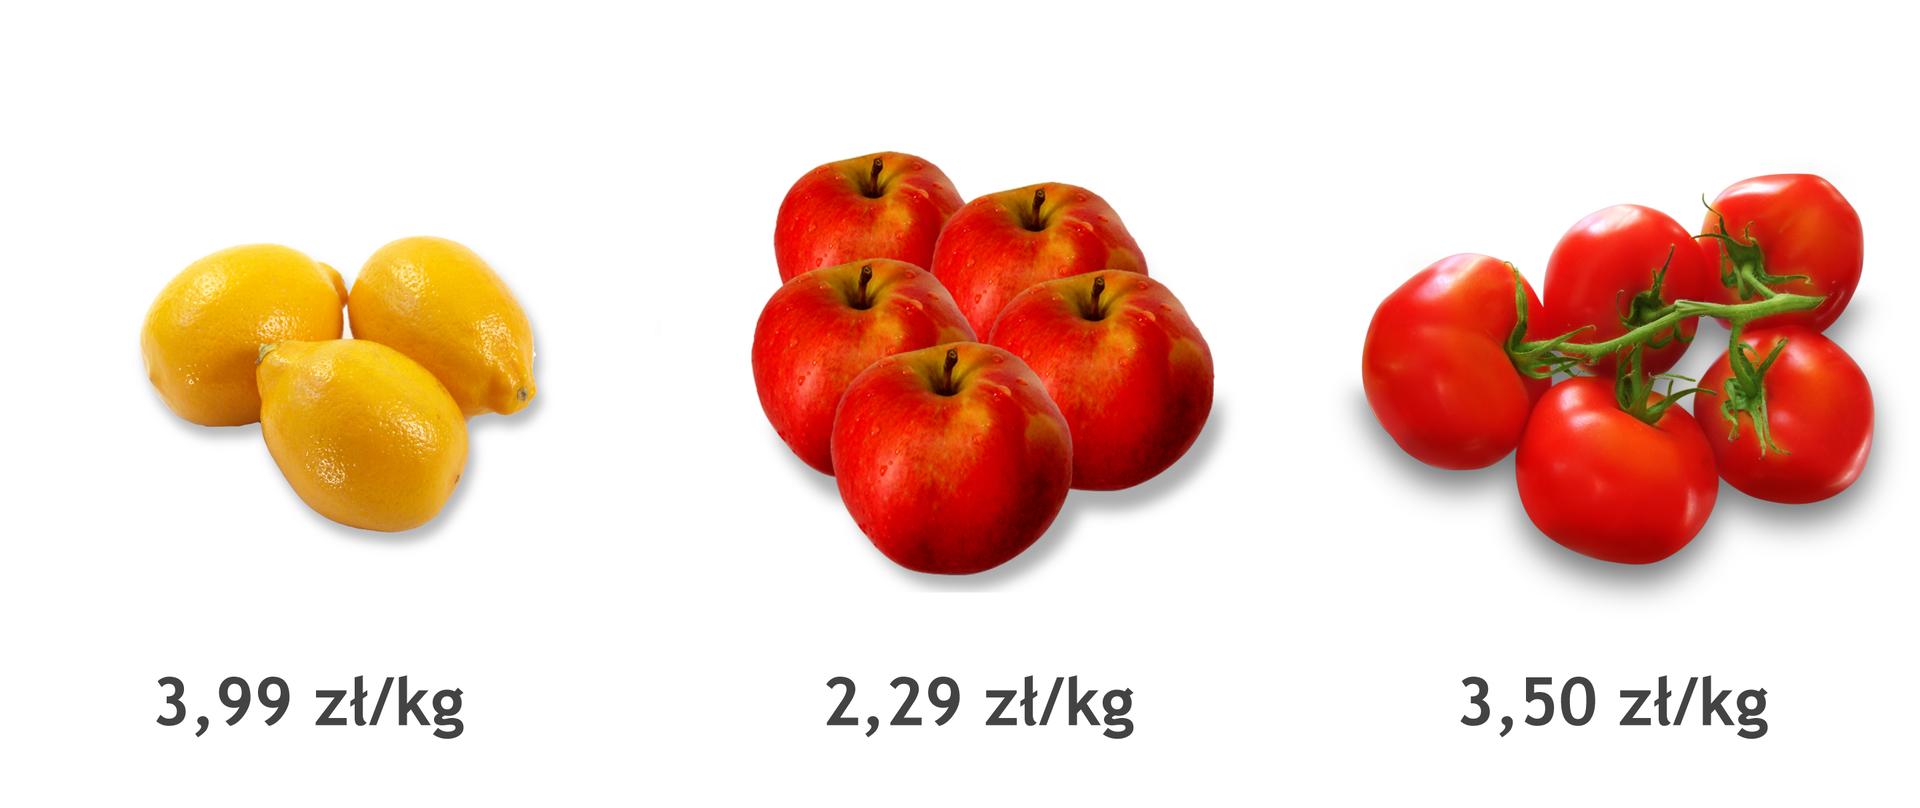 Rysunek cytryny, pomidora ijabłka zpodanymi cenami. Cena cytryn 3,99 zł za kilogram. Cena pomidorów 3,50 zł za kilogram. Cena jabłek 2,29 zł za kilogram